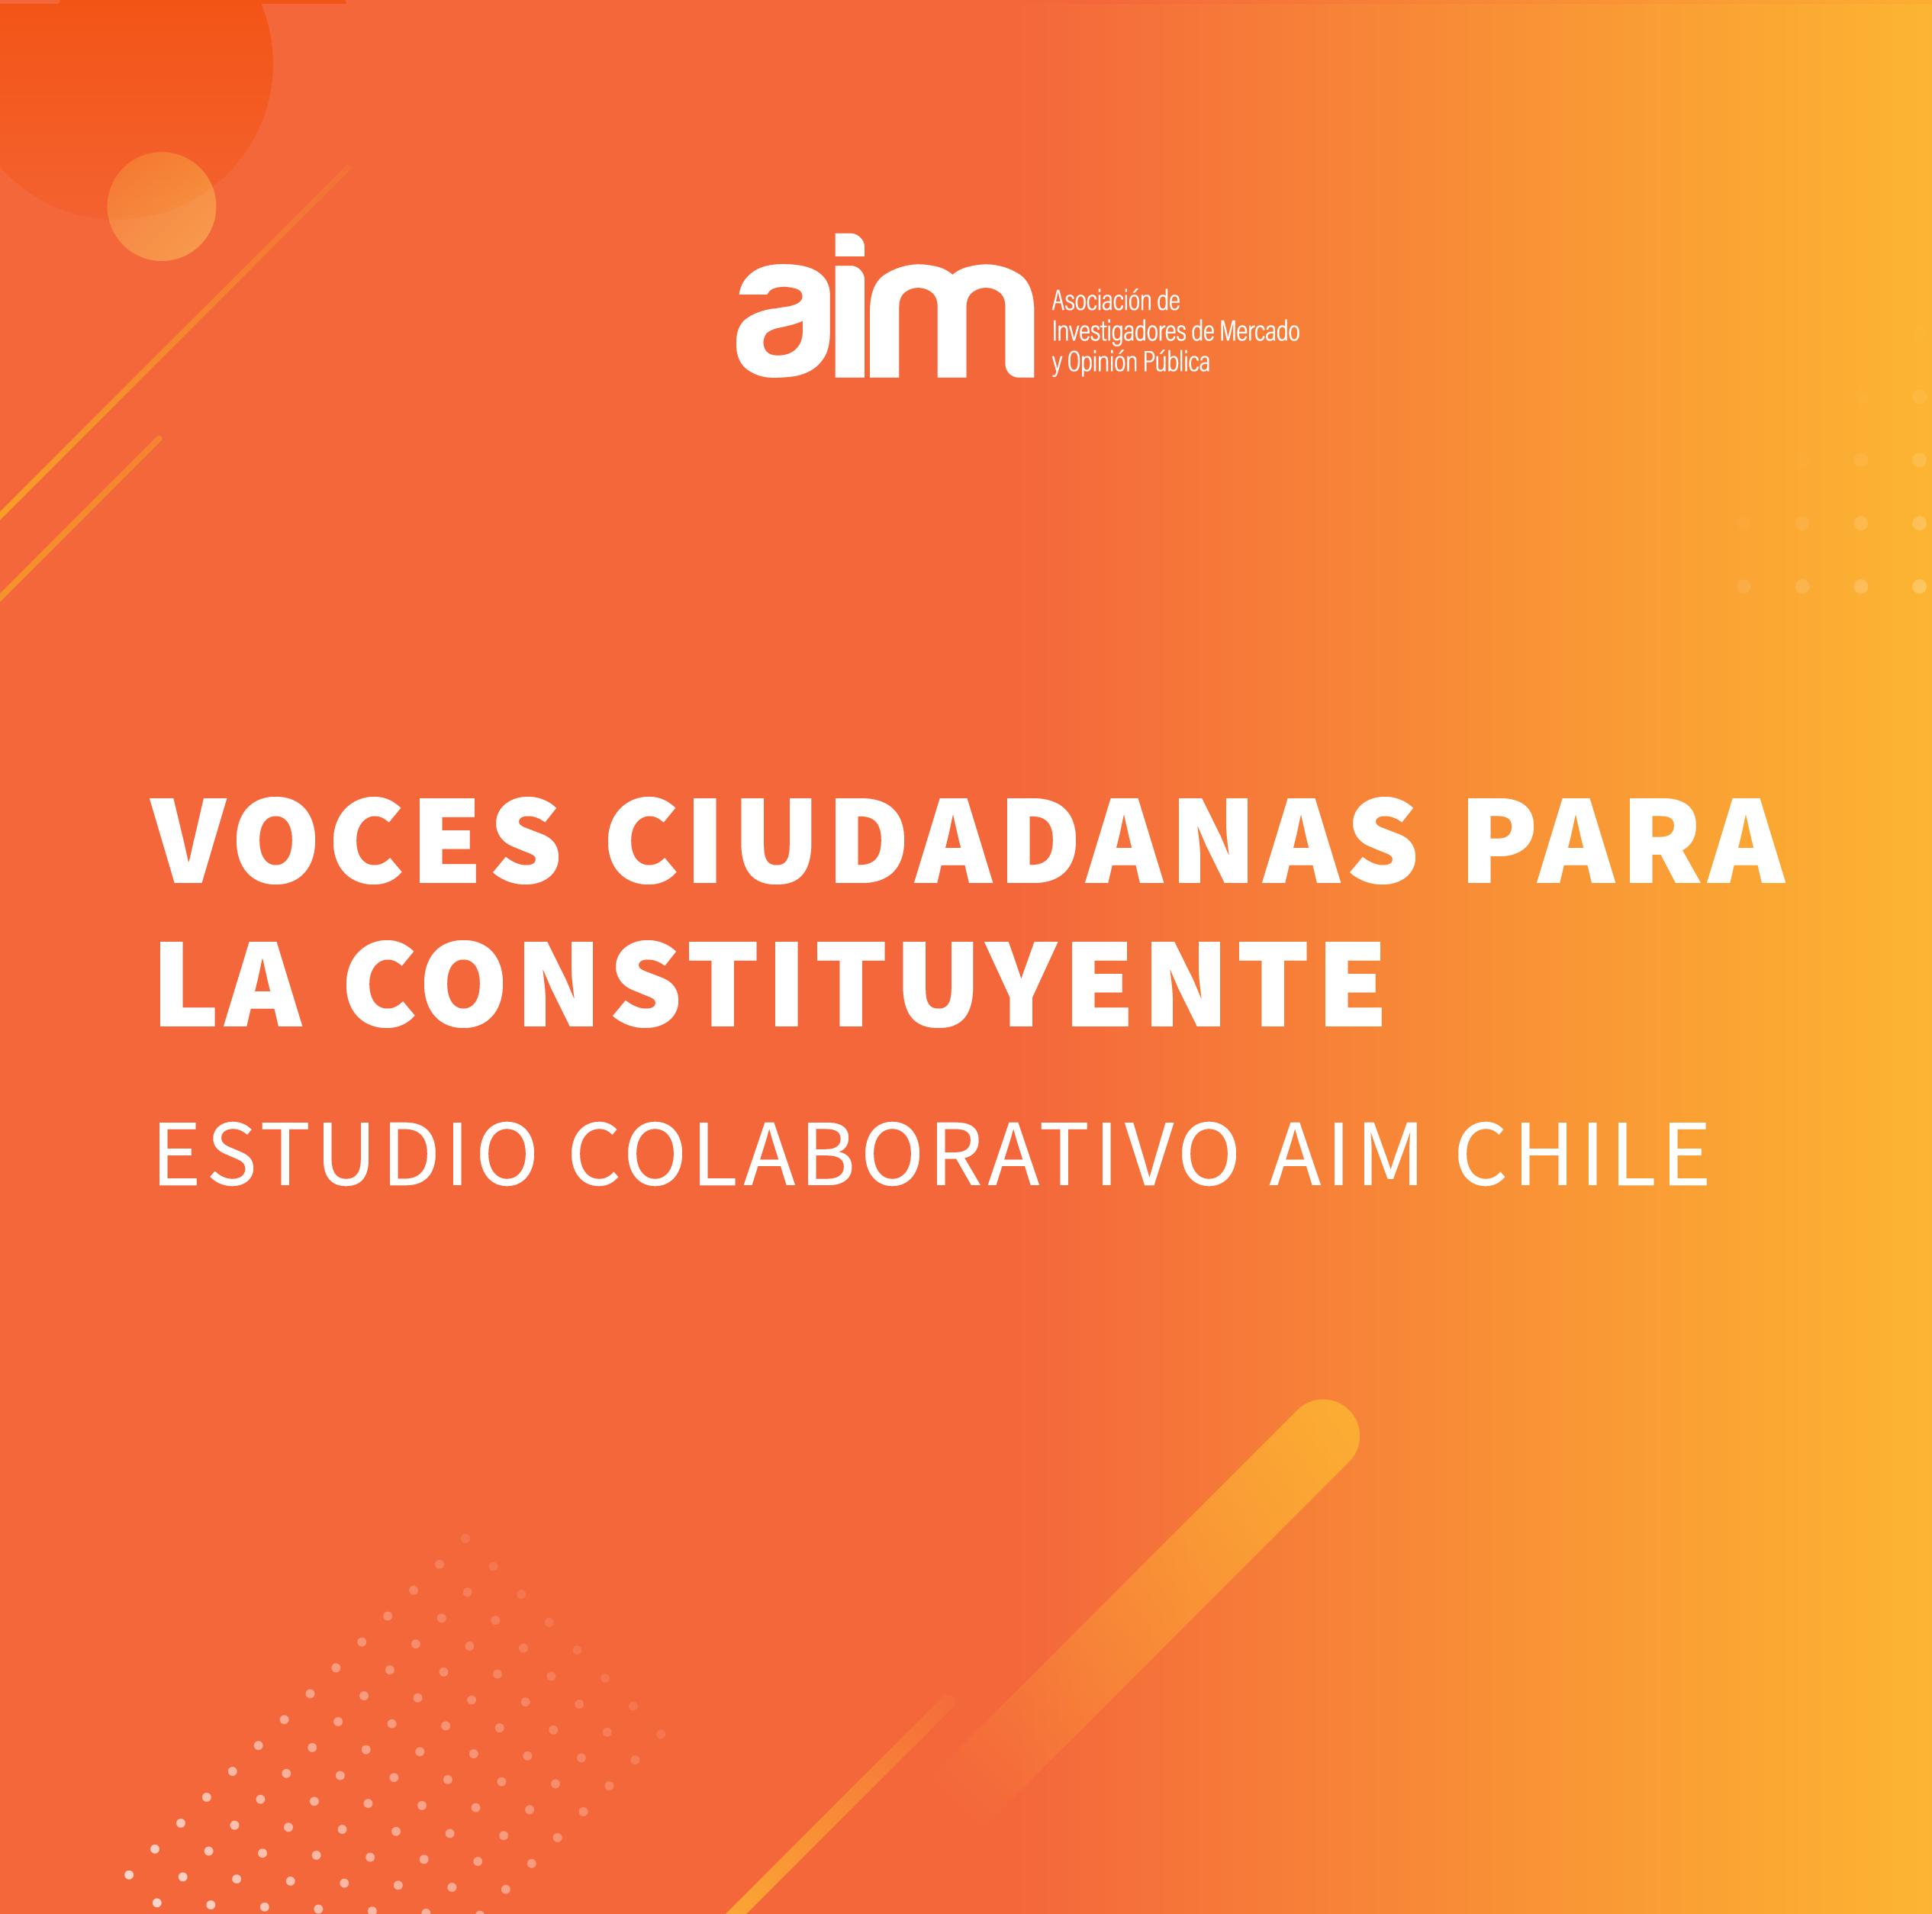 Estudio: Voces Ciudadanas para la Constituyente